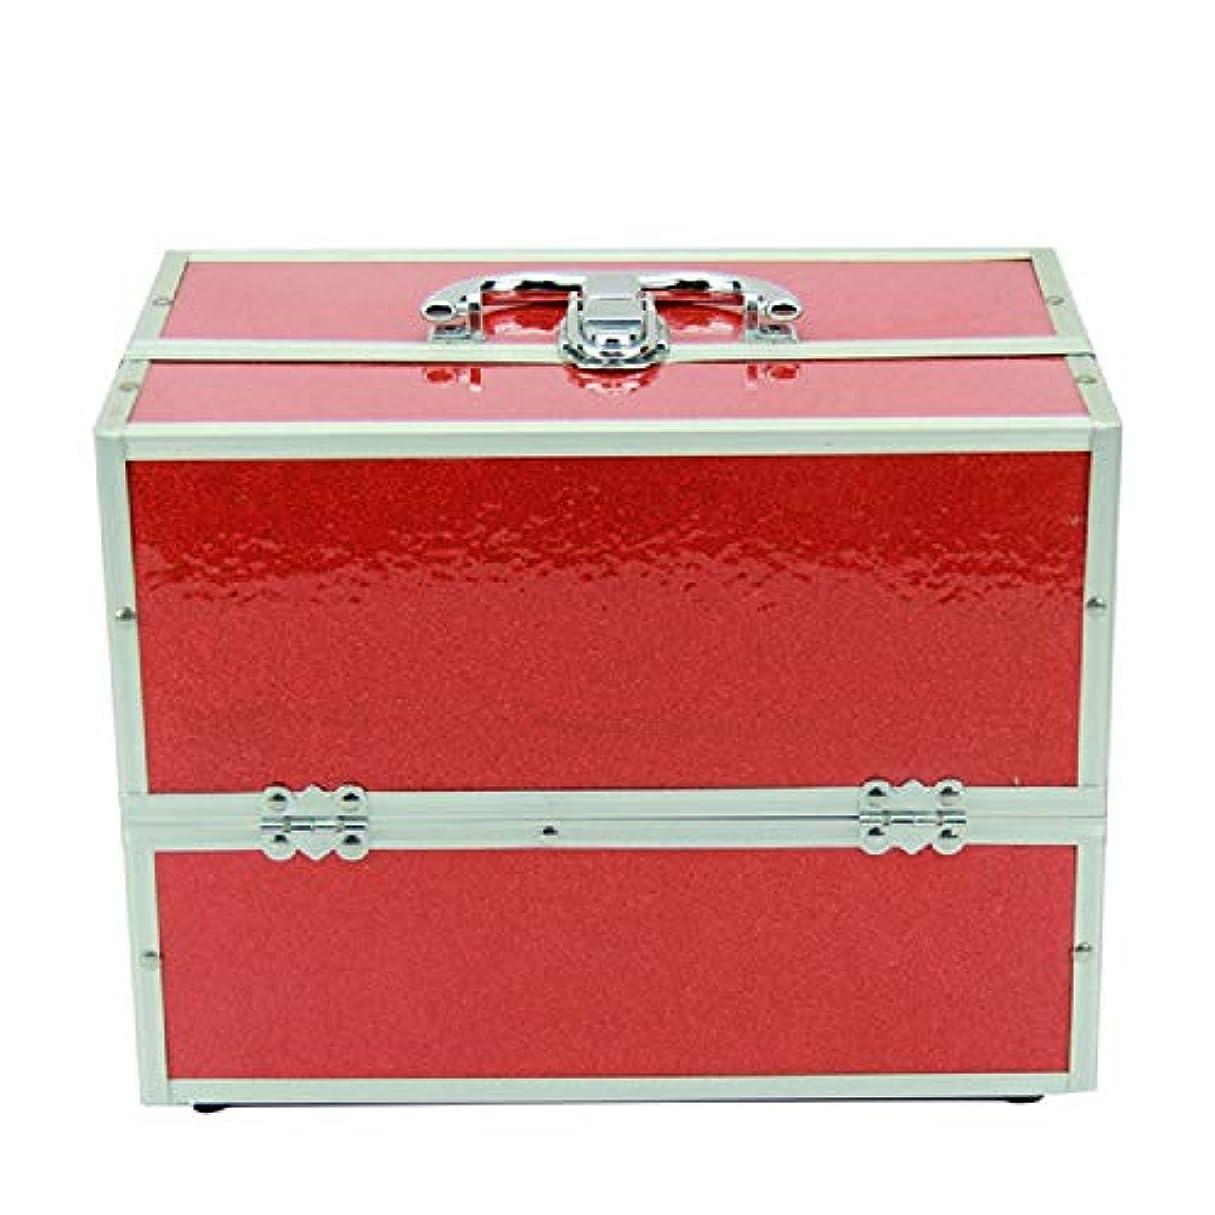 締め切りでも愛情深い化粧オーガナイザーバッグ 純粋な色ポータブル化粧品ケーストラベルアクセサリーシャンプーボディウォッシュパーソナルアイテムストレージロックとスライディングトレイ 化粧品ケース